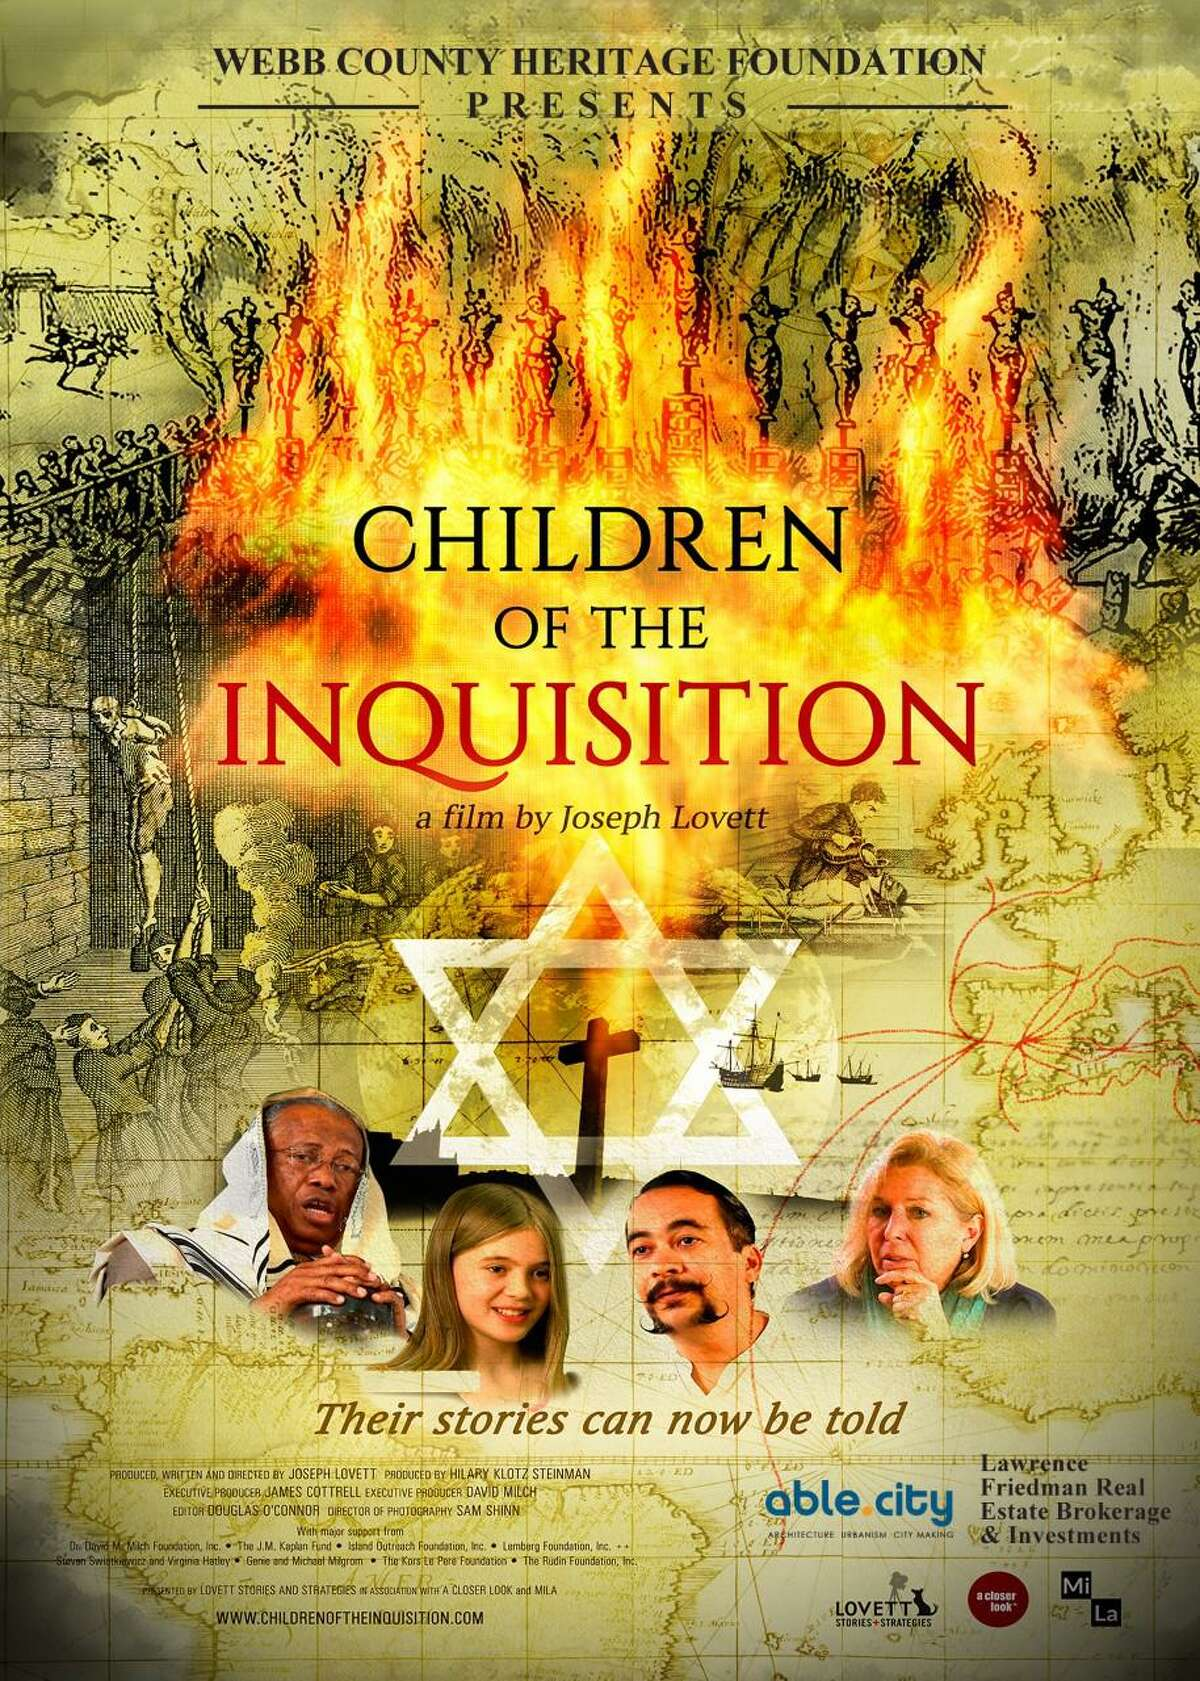 """El documental """"Children of the Inquisition"""" será proyectado en línea el 23 y 24 de junio. El público está invitadoa demás a participar en un panel de discusión con el director del filme y una experta en el tema."""